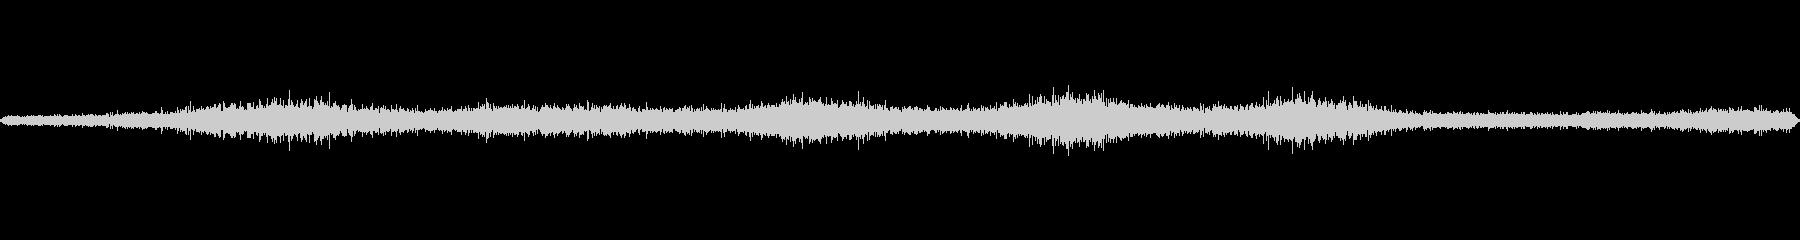 大通りの環境音の未再生の波形